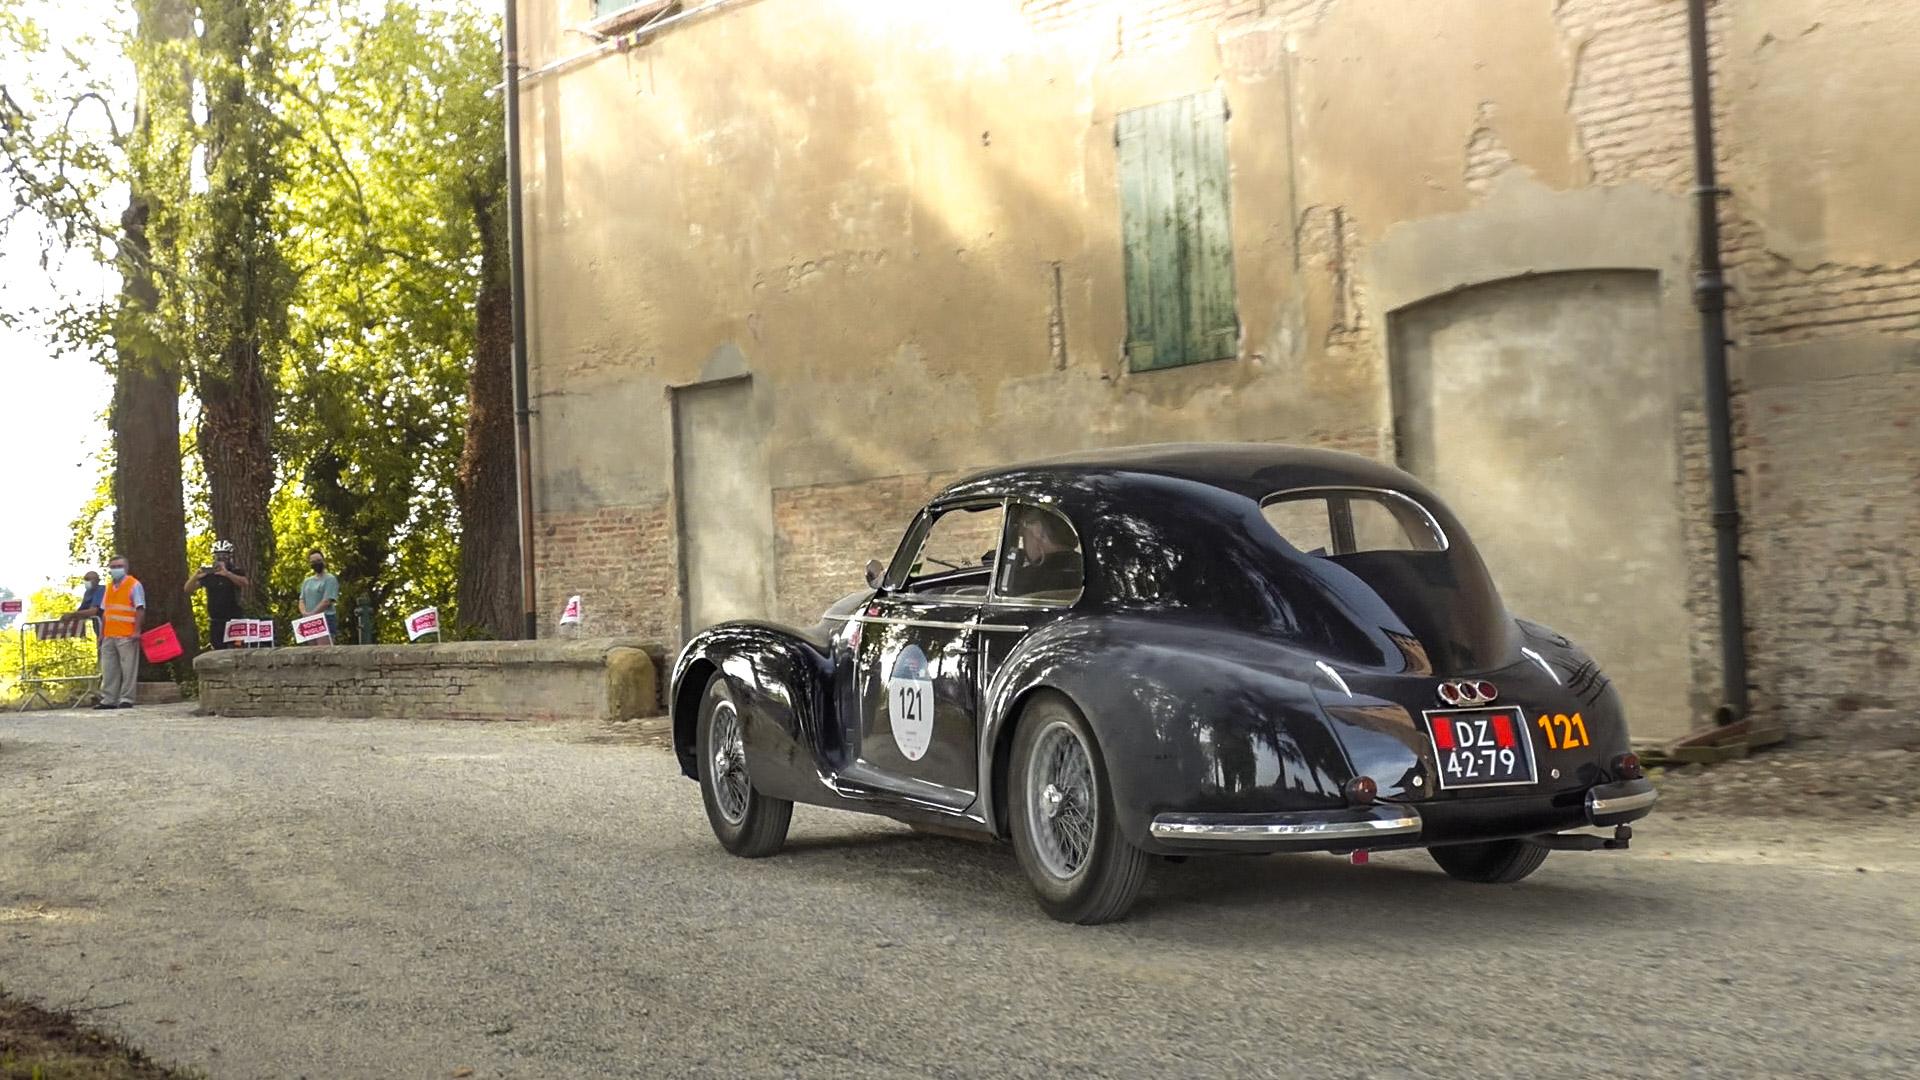 Alfa Romeo 6C 2500 S Berlinetta Turinga - DZ-42-79 (NL)